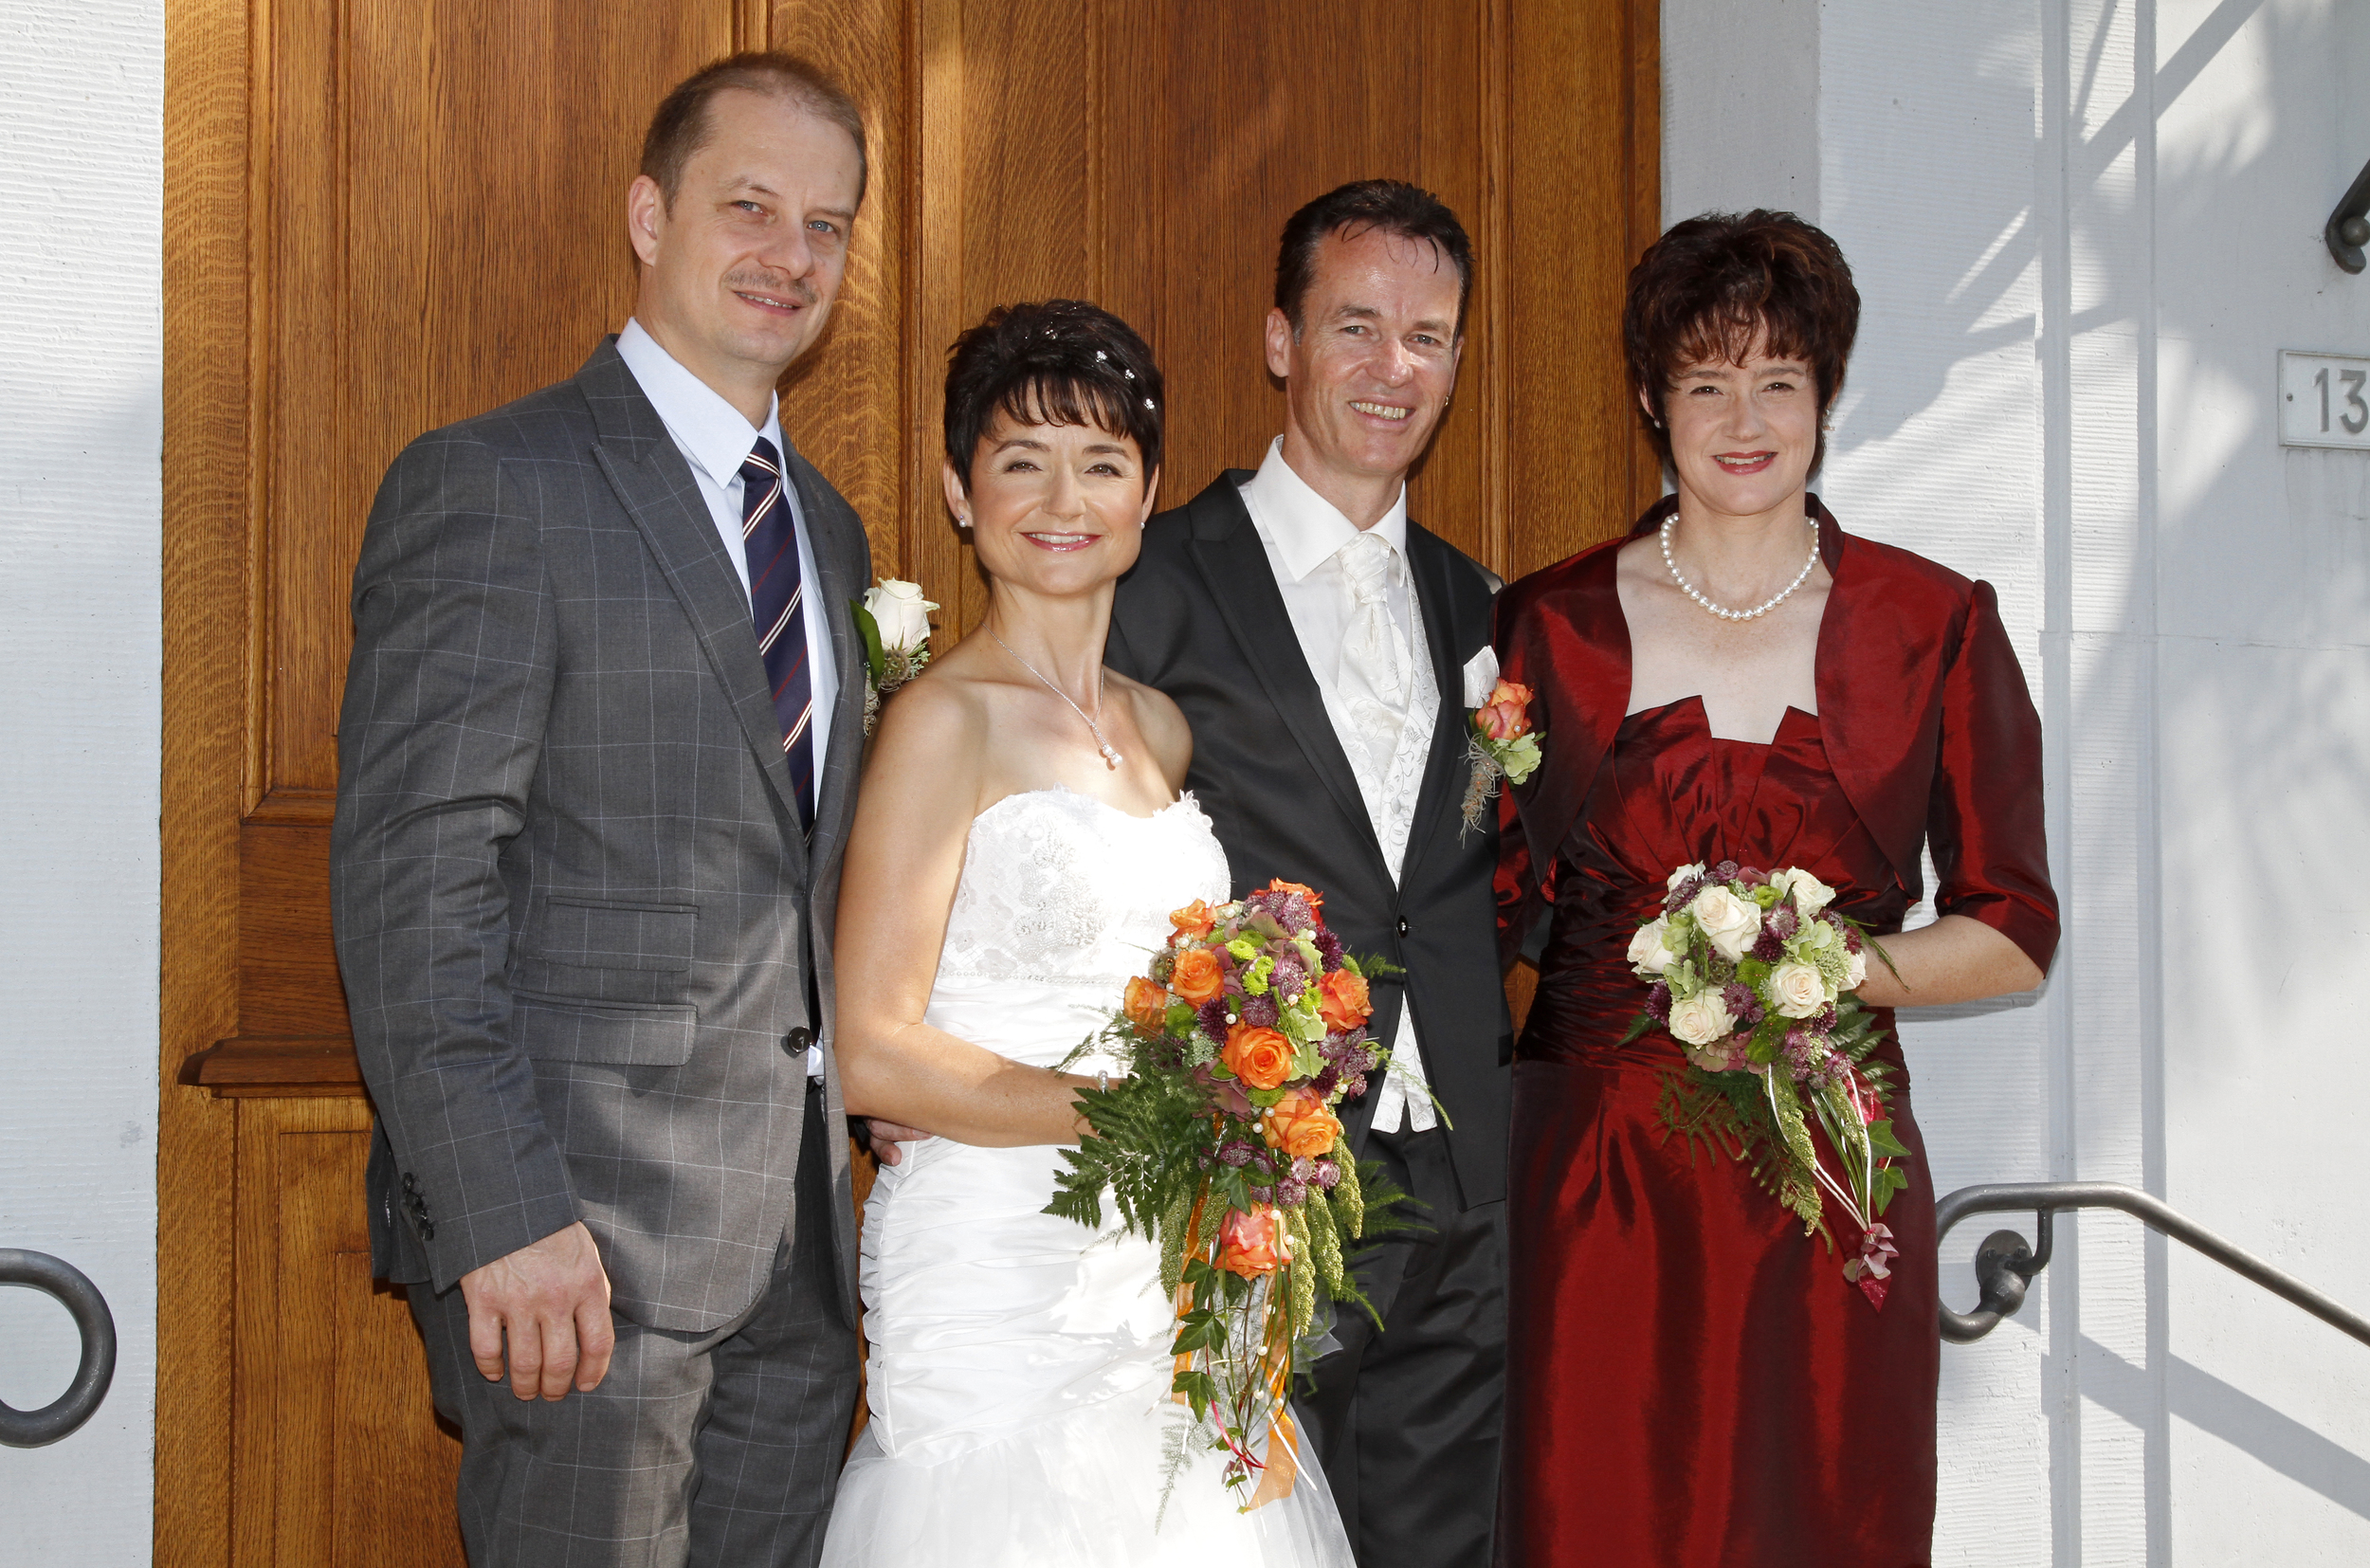 Hochzeiten01.jpg